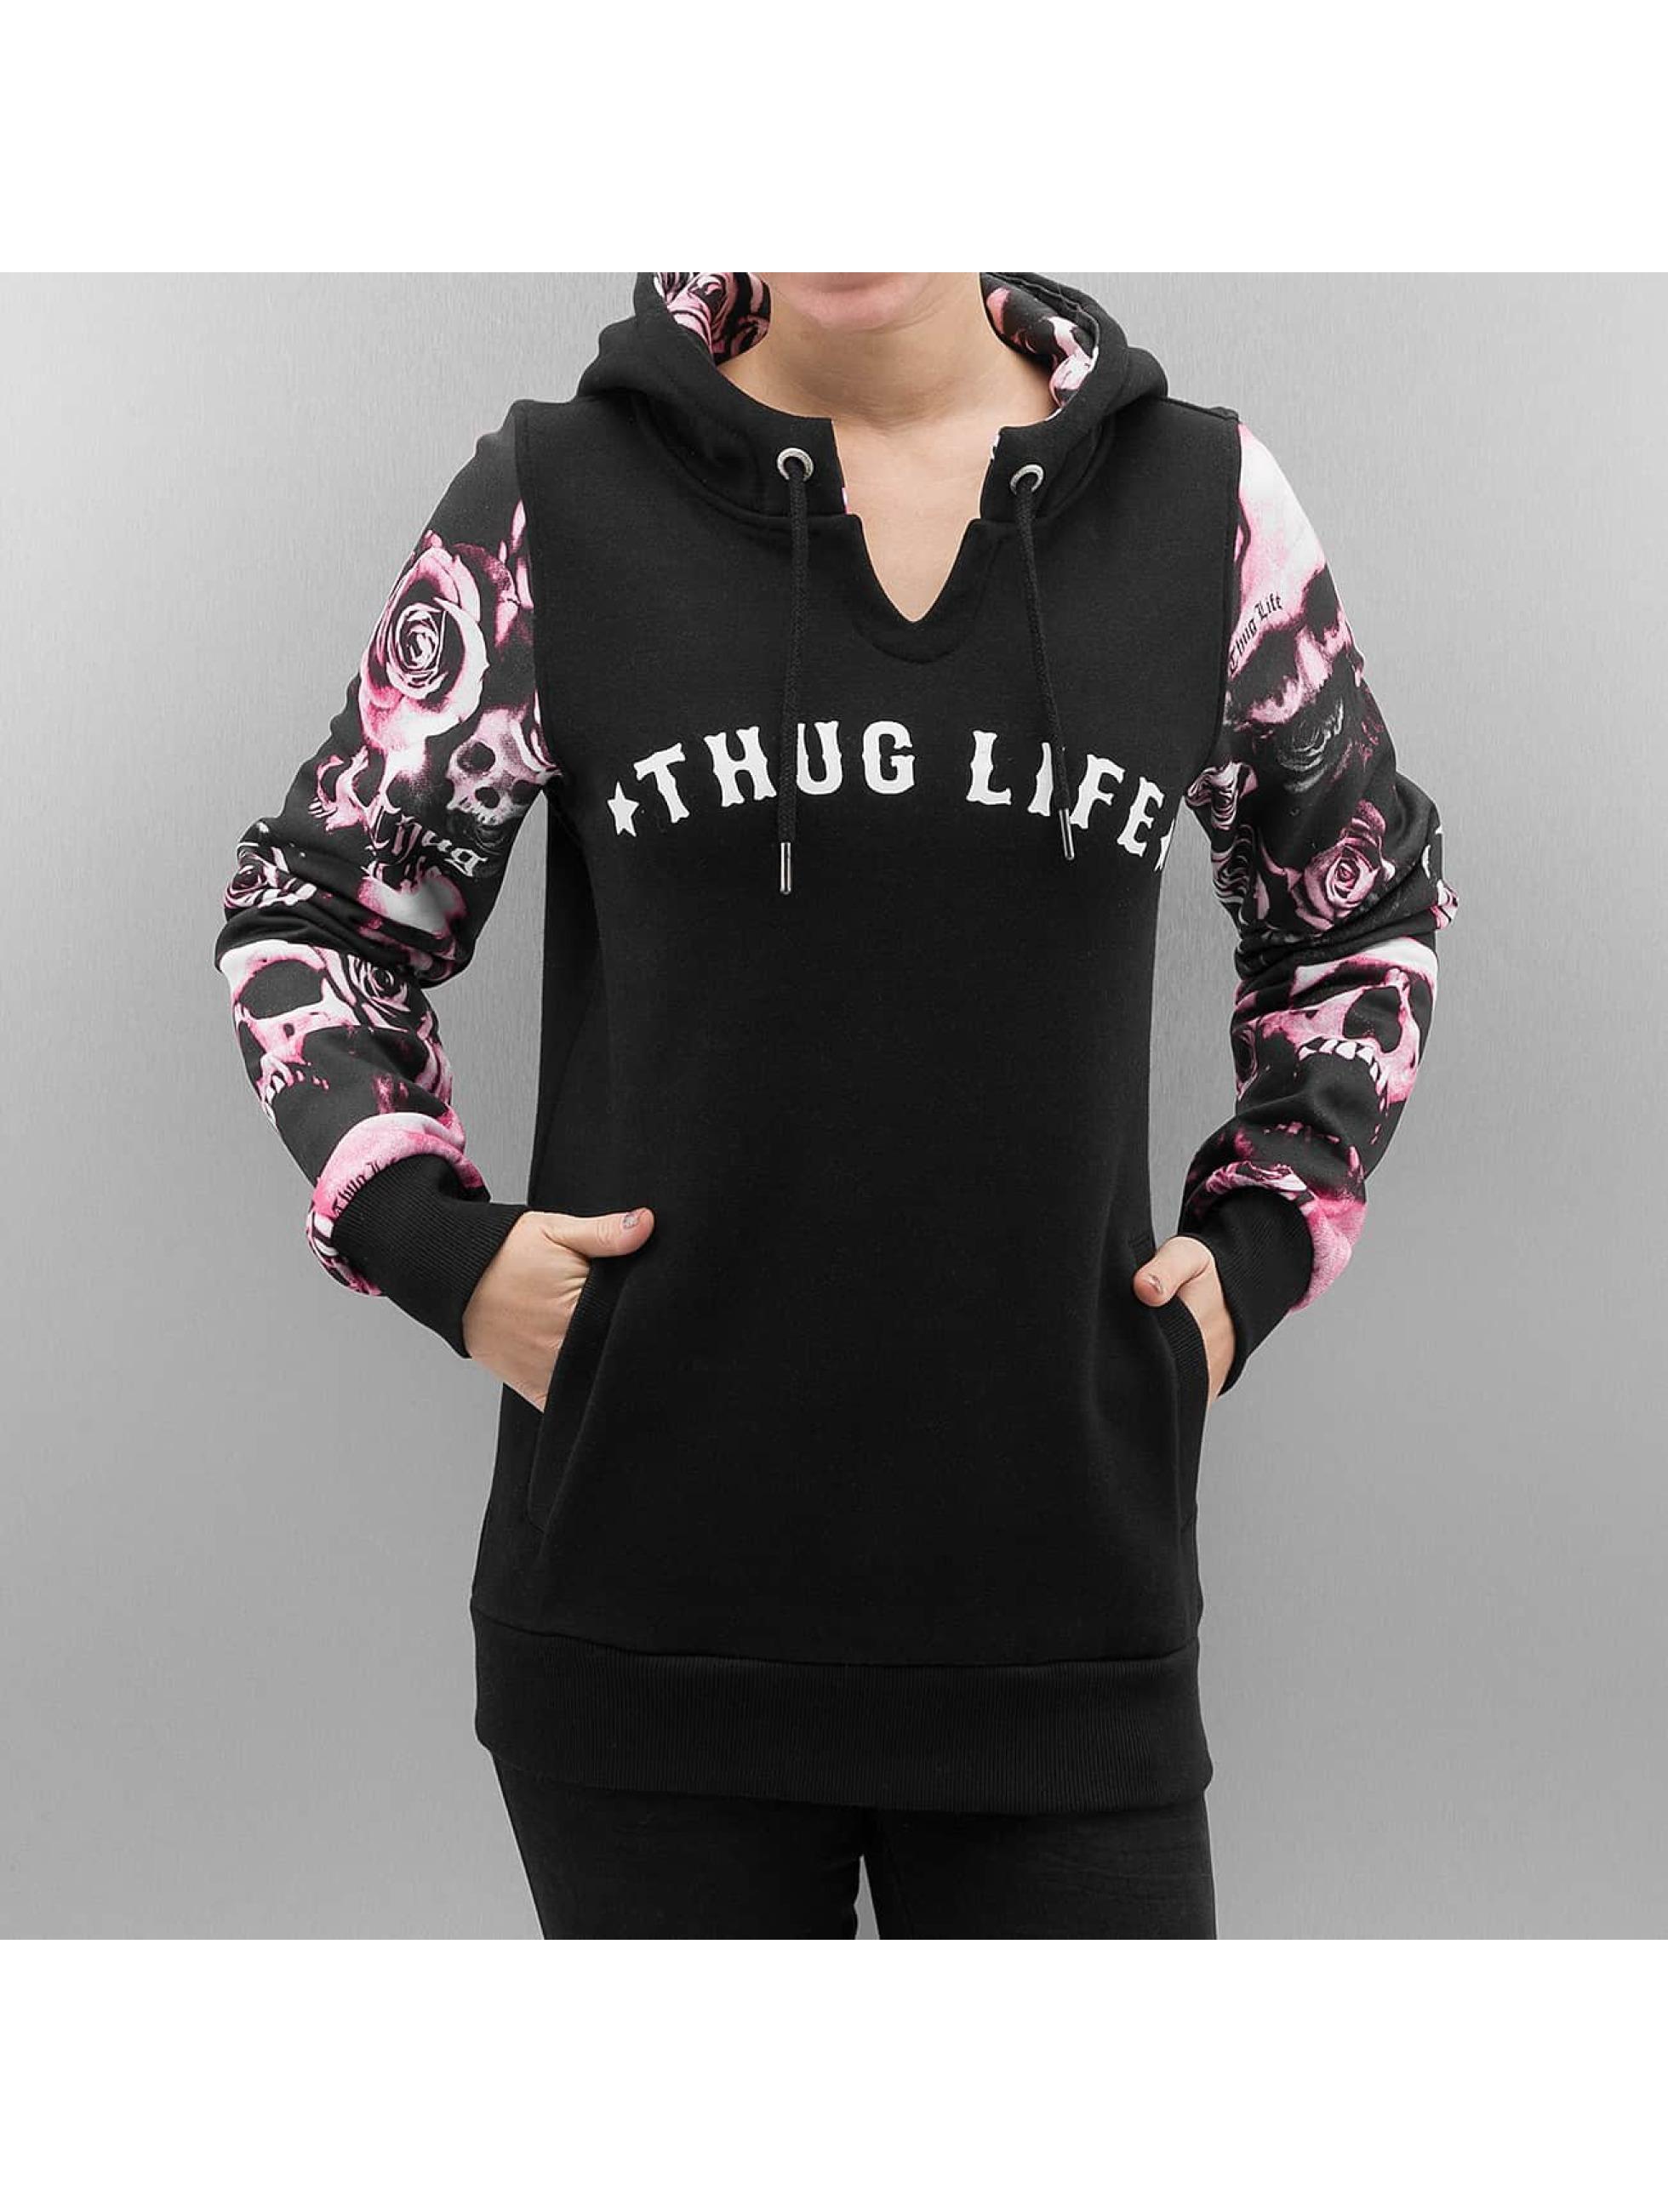 Thug Life / Hoodie Skullpattern in black XL